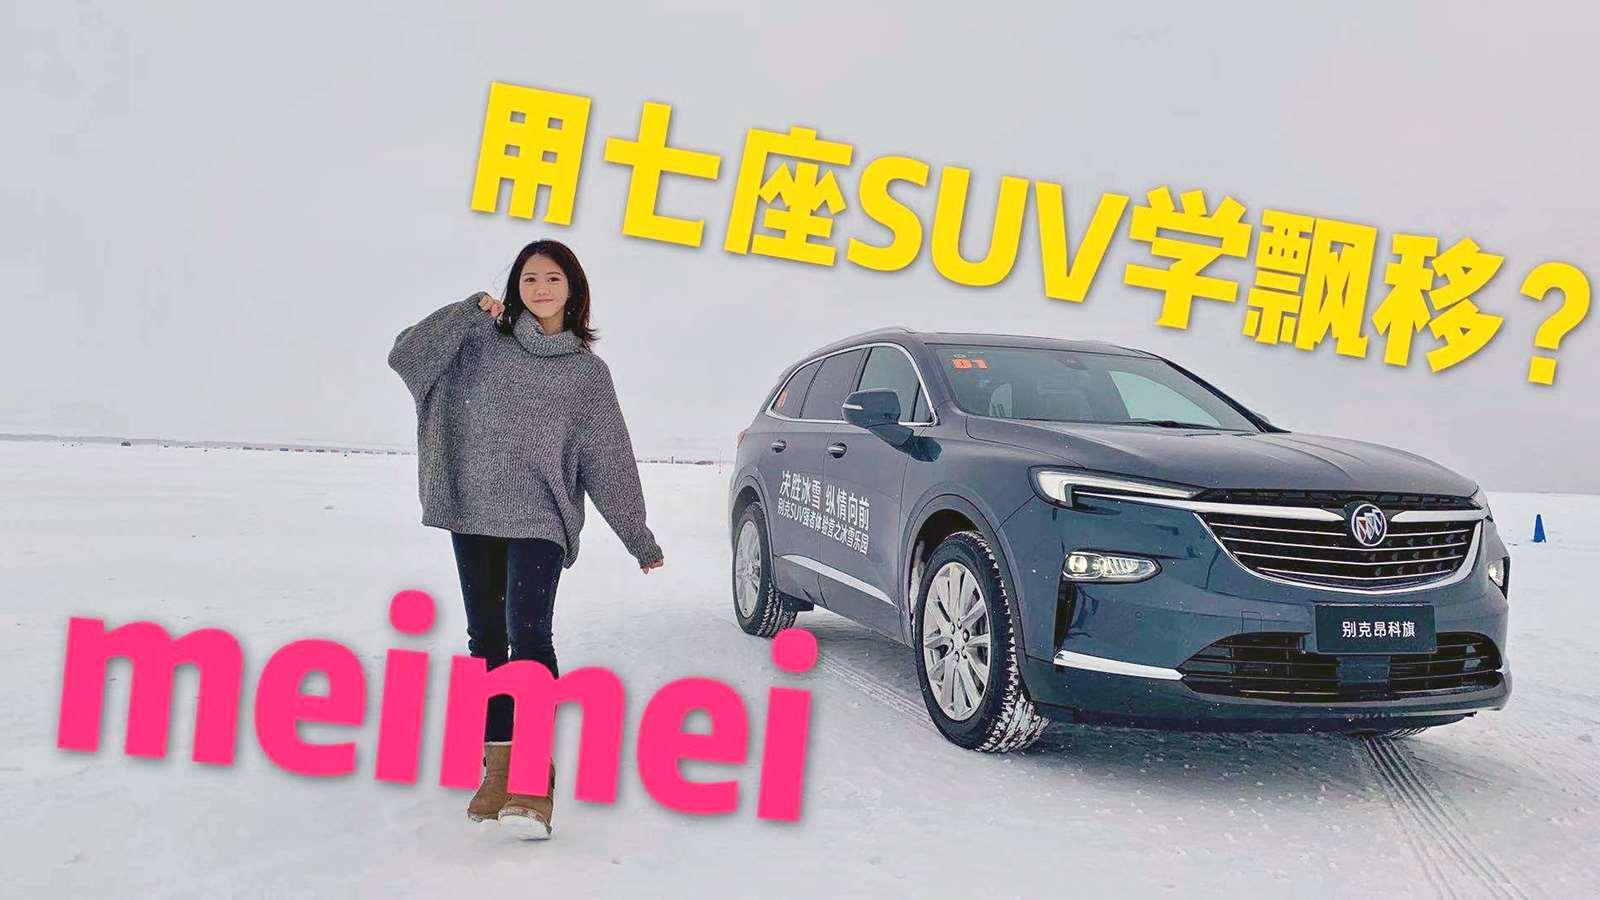 最近周末|meimei在一辆七座SUV上学会了冰雪漂移?